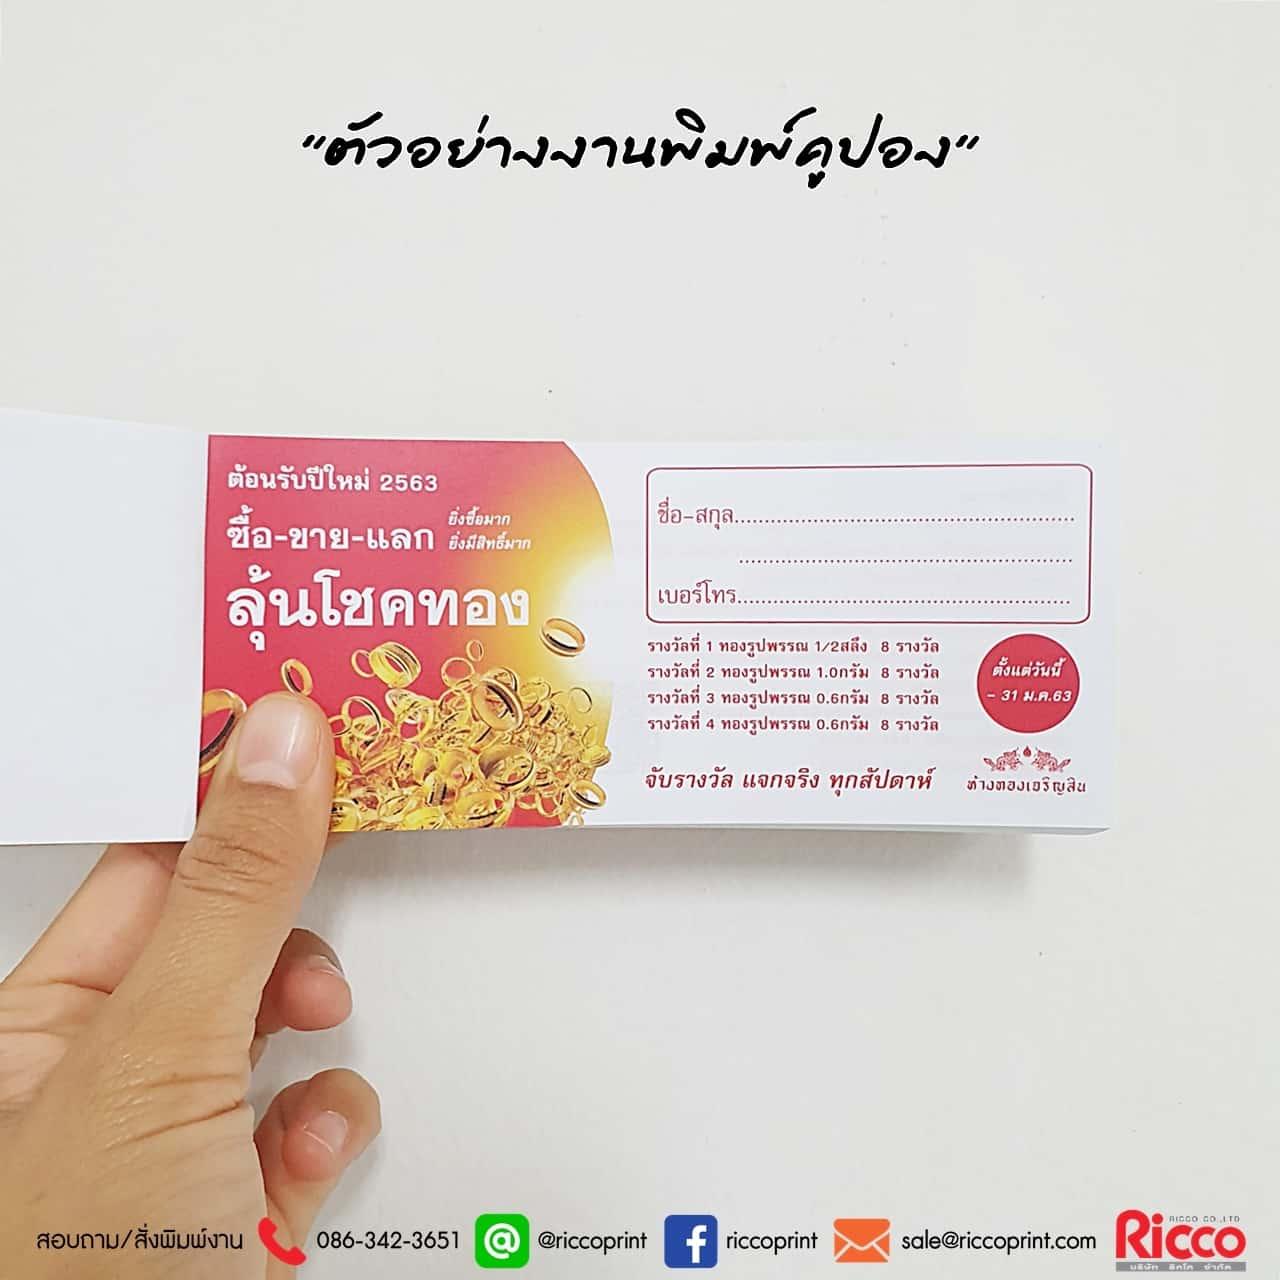 รูป Coupon 25 - ประกอบเนื้อหา คูปอง บัตรกำนัล ตั๋ว